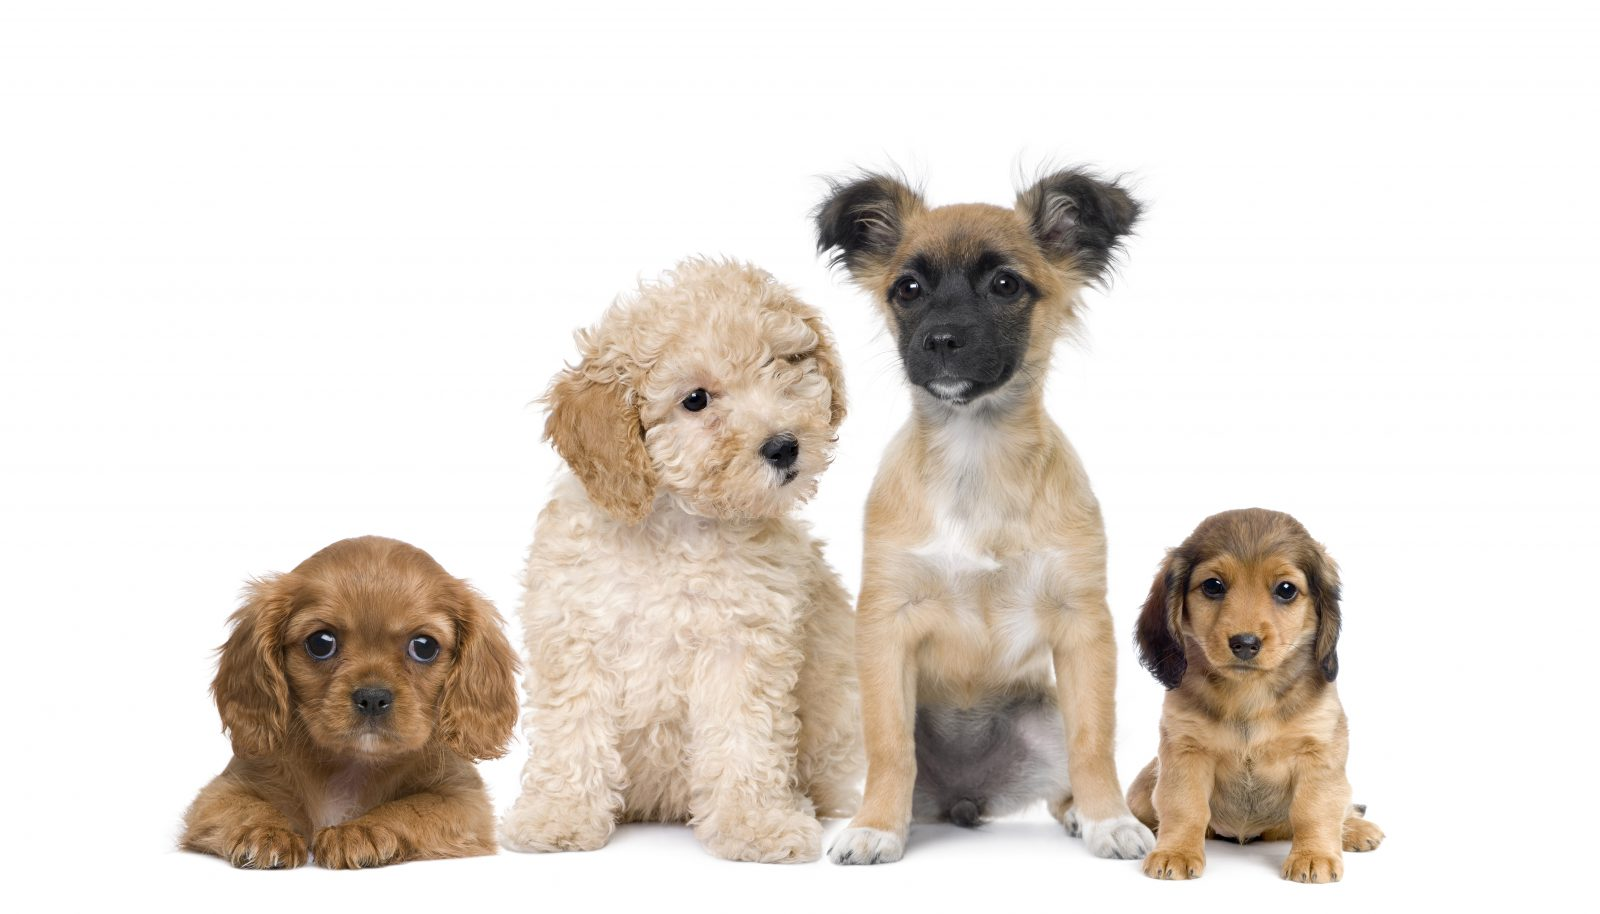 Preço de cachorro: grupo de cachorros filhotes de raças diferentes